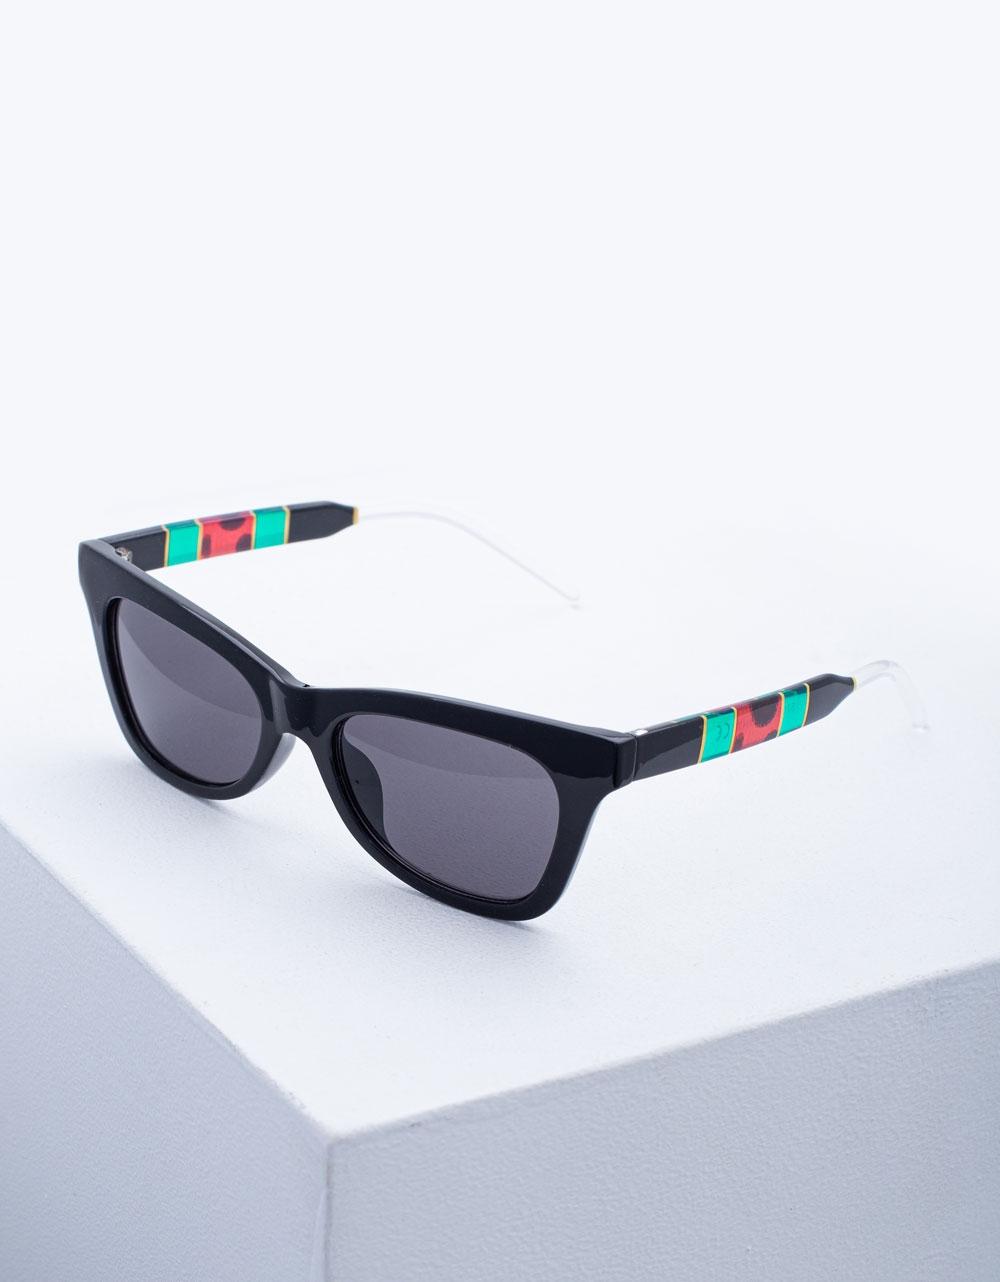 Εικόνα από Γυναικεία γυαλιά ηλίου σε συνδυασμό χρωμάτων Μαύρο/Πράσινο